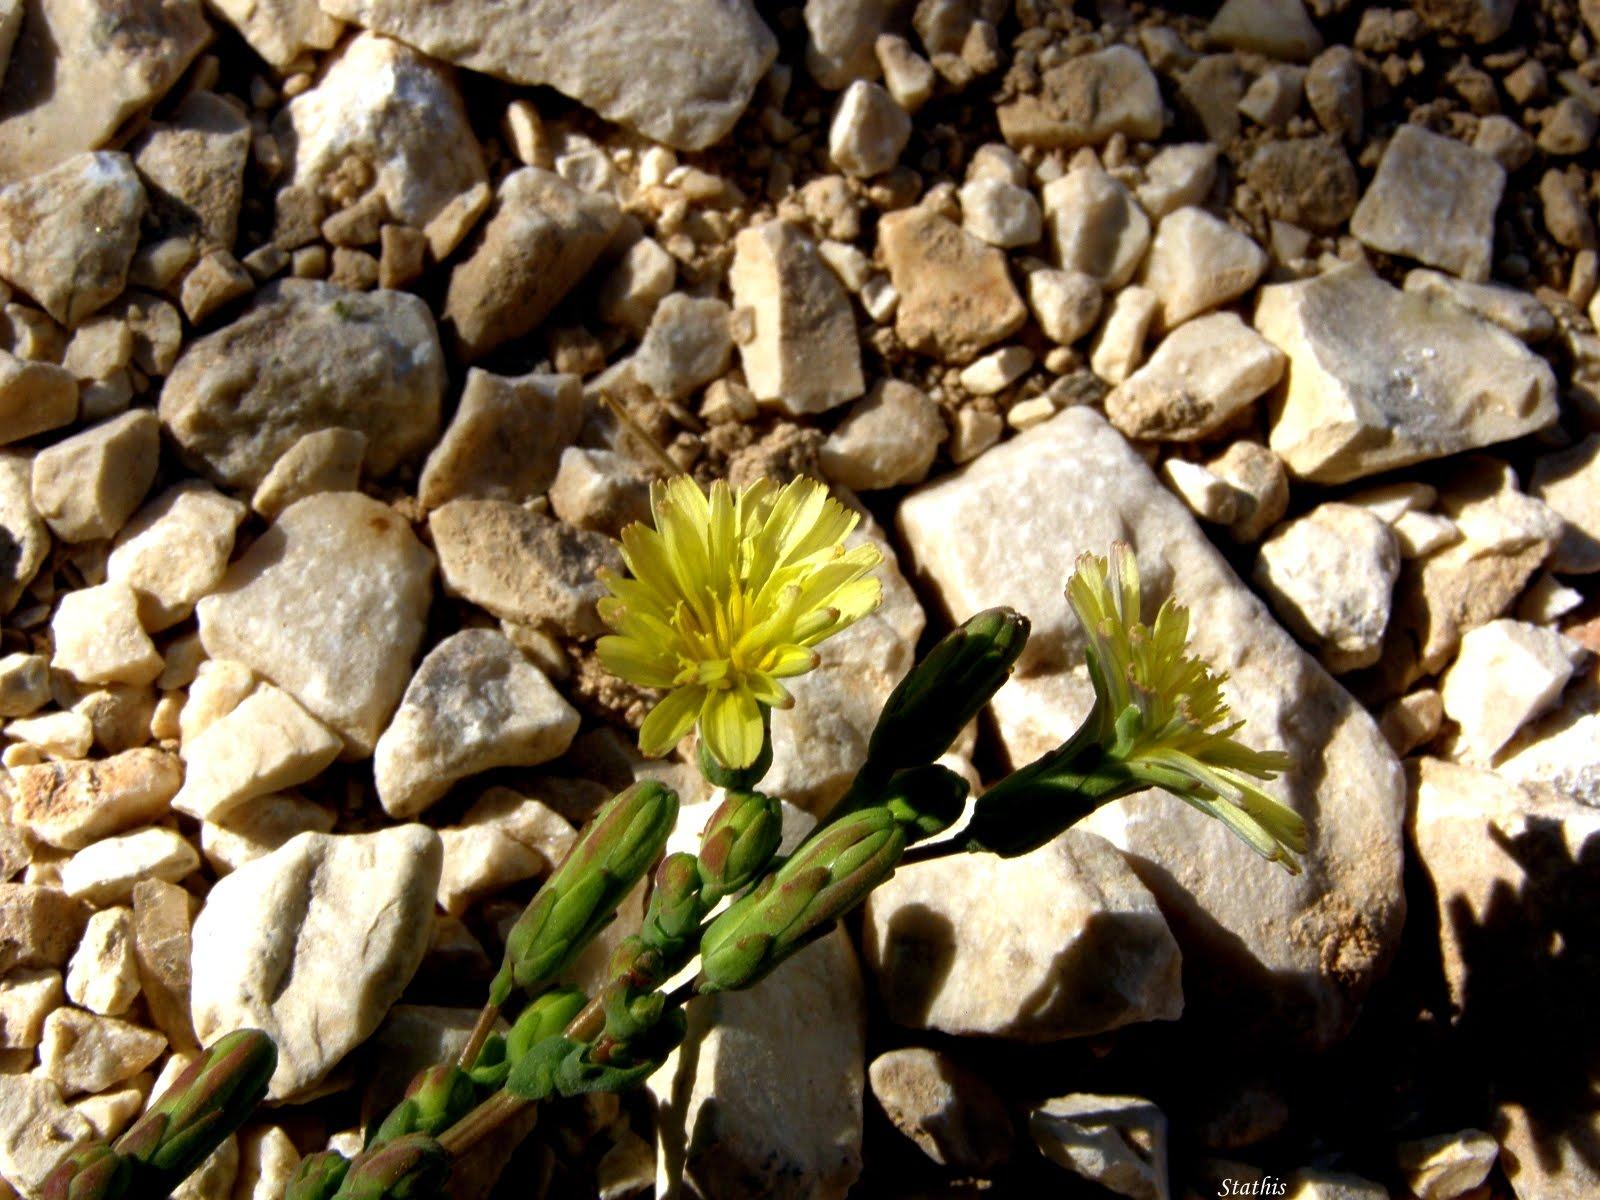 """Photo: Lactuca serriola L. Λακτούκα η πριονόφυλλη Οικογένεια: Asteraceae _ Αστεροειδή Κοινή ονομασία: Πετρομάρουλο, αγριομάρουλο Περιοχή: Δυτικό Ζαγόρι  Περιγραφή: διετές ποώδες φυτό με όρθιο τριχωτό βλαστό, ύψους 30-90 εκατοστά. Φύλλα σαρκώδη, οδοντωτά, πτεροειδή ή λογχοειδή, άμισχα, σκουροπράσινα, γυαλιστερά, με μικρά αγκάθια στις νευρώσεις στην κάτω επιφάνεια και τις άκρες τους. Άνθη κίτρινα, σε ταξιανθία κεφαλωτή. Ανθίζει Ιούλιο-Σεπτέμβριο. Το φυτό όταν κοπεί παράγει γαλακτώδες υγρό. Βιότοπος: ξηρά και άγονα πετρώδη εδάφη, καλλιεργούμενα χωράφια, άκρες δρόμων και σκουπιδότοπους.  Μέρη του Φυτού με δραστικές ουσίες:Υπέργεια τμήματα φυτού. Δραστικές Ουσίες:Ο γαλακτώδης χυμός του φυτού περιέχει σεσκιτερπενικές λακτόνες (λακτουπικρίνη, λακτουκερίνη, β-λακτουκερόλη), φλαβονοειδή (7-μονογλυκοσίδια της λουτεολίνης και της απιγενίνης), κιχορίνη (κουμαρίνη), μαννιτόλη, β-αμυρίνη, ισοπουλεόλη, αλκαλοειδή, τριτερπένια, σίδηρο, βιταμίνες Α, Β1, Β2 και C. Συχνά αναφέρεται ως """"όπιο του μαρουλιού"""", καθώς έμφανίζει τις ιδιότητες του οπίου σε μικρότερο βαθμό. Όταν το φυτό βρίσκεται σε πλήρη άνθιση, η κύρια δραστική του ουσία (λακτουκοπικρίνη) βρίσκεται σε μεγαλύτερη συγκέντρωση. Φαρμακολογικές δράσεις-Εφαρμογές: Όλο το φυτό χρησιμοποιείται ως σπασμολυτικό, διουρητικό, υπνωτικό, ναρκωτικό και καταπραϋντικό. Χορηγείται για την αντιμετώπιση της αϋπνίας, του ξηρού βήχα, της ρευματαλγίας, της βλεννόρροιας, των παθήσεων των οφθαλμών και των χρόνιων ελκώνν. Το φυτό έχει ακόμα κατευναστικές, ηρεμιστικές και ελαφρά ναρκωτικές ιδιότητες και είναι αποτελεσματικό στην καταπολέμηση της υπερκινητικότητας των παιδιών. Στην ομοιοπαθητική συνιστάται κατά της χρόνιας καταρροής, του βήχα, των διαταραχών του ήπατος και του ουροποιητικού συστήματος. Τρόπος Χορήγησης: Χορηγείται ως αγχολυτικό και ηρεμιστικό υπό τη μορφή εγχύματος (0,5-4g ξηρού βοτάνου σε ένα φλυτζάνι βραστό νερό, έως 3 φορές την ημέρα). Στην ομοιοπαθητική συνιστάται υπό τη μορφή βάμματος (αναλογία 1:1, 25mg ξηρού βοτάνου σε αιθανόλη """